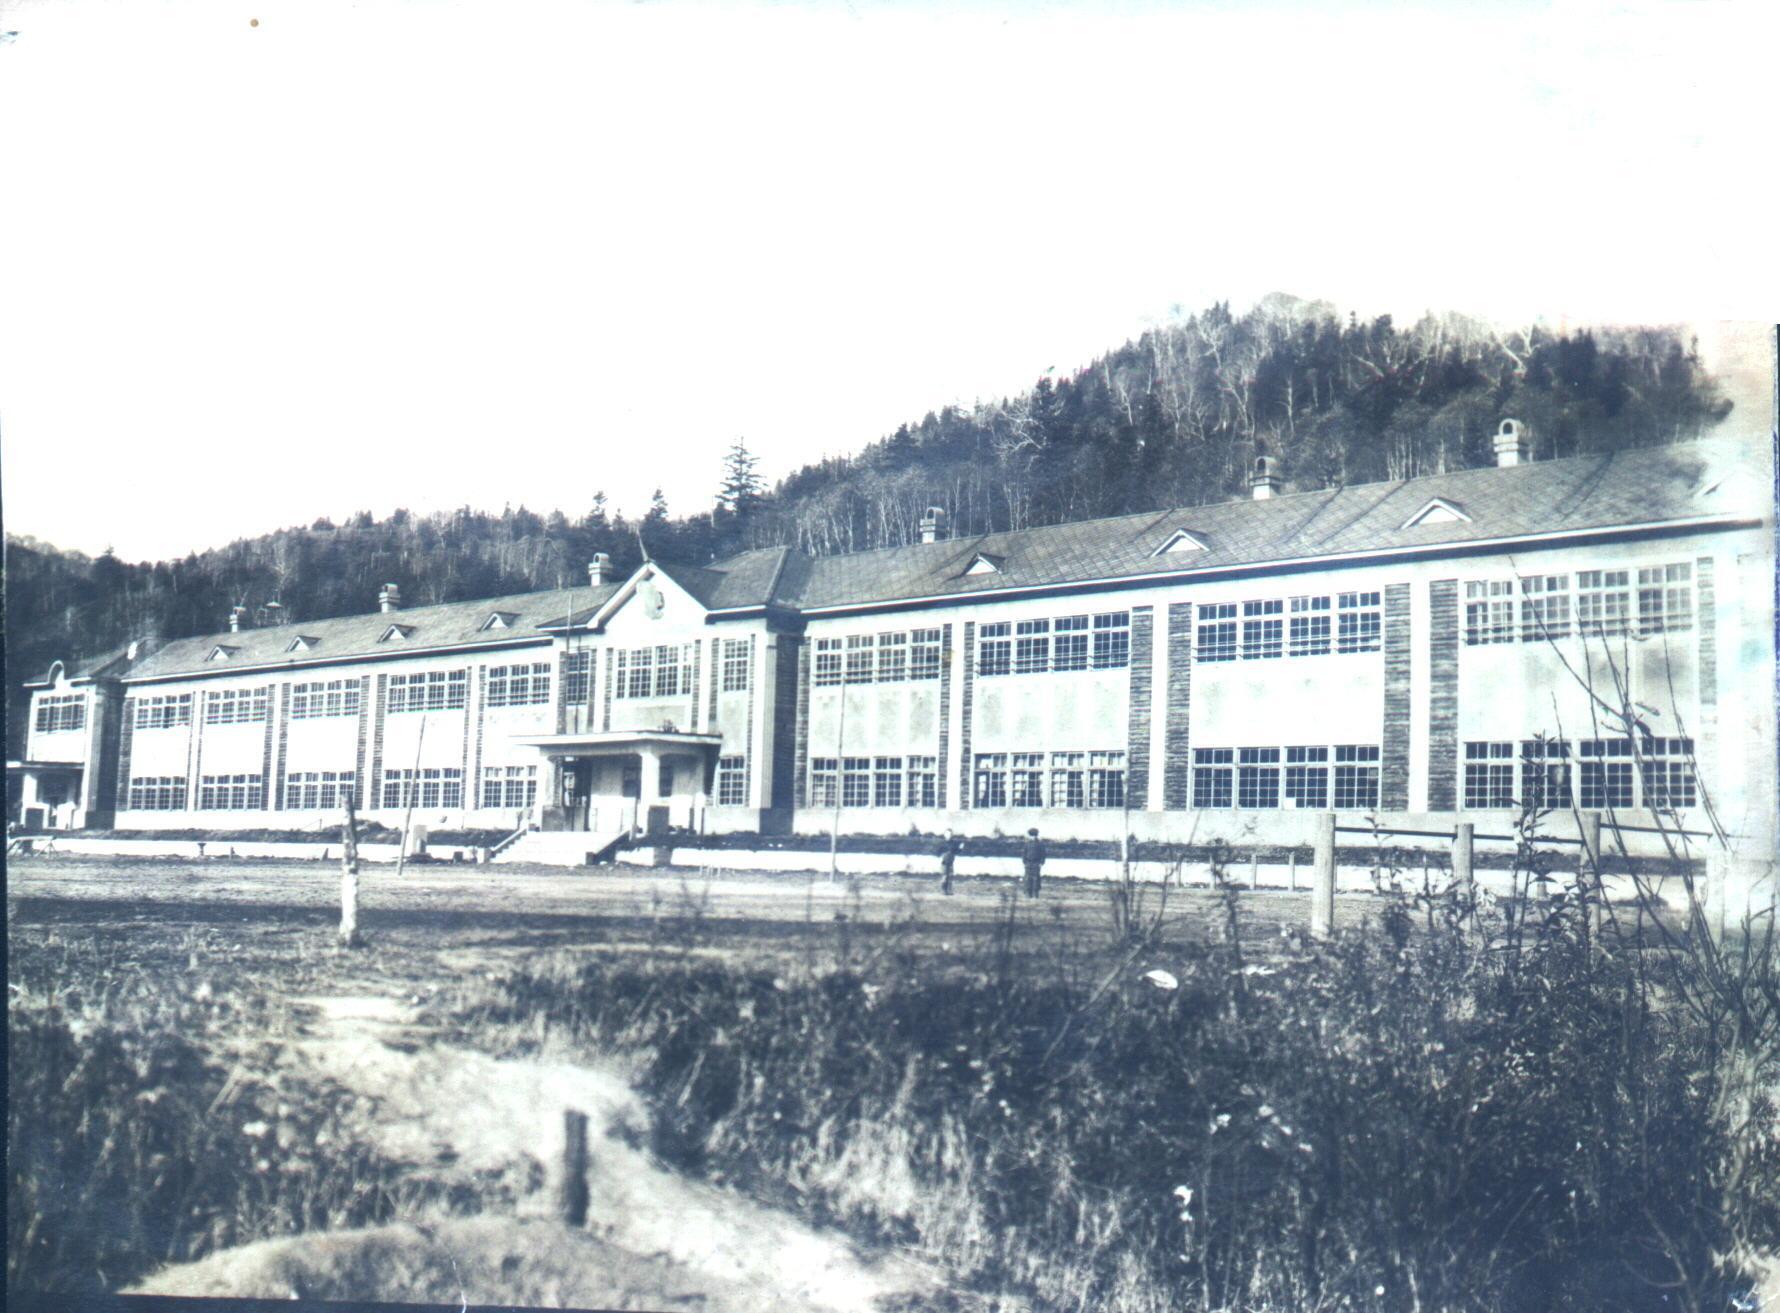 Японская школа в п. Каваками. Деревянное двухэтажное здание с тремя подъездами в длину имело 110 м. Классы в школе были просторными, светлыми, но очень холодными. В классных помещениях находились железные печки, которые постоянно нужно было протапливать.